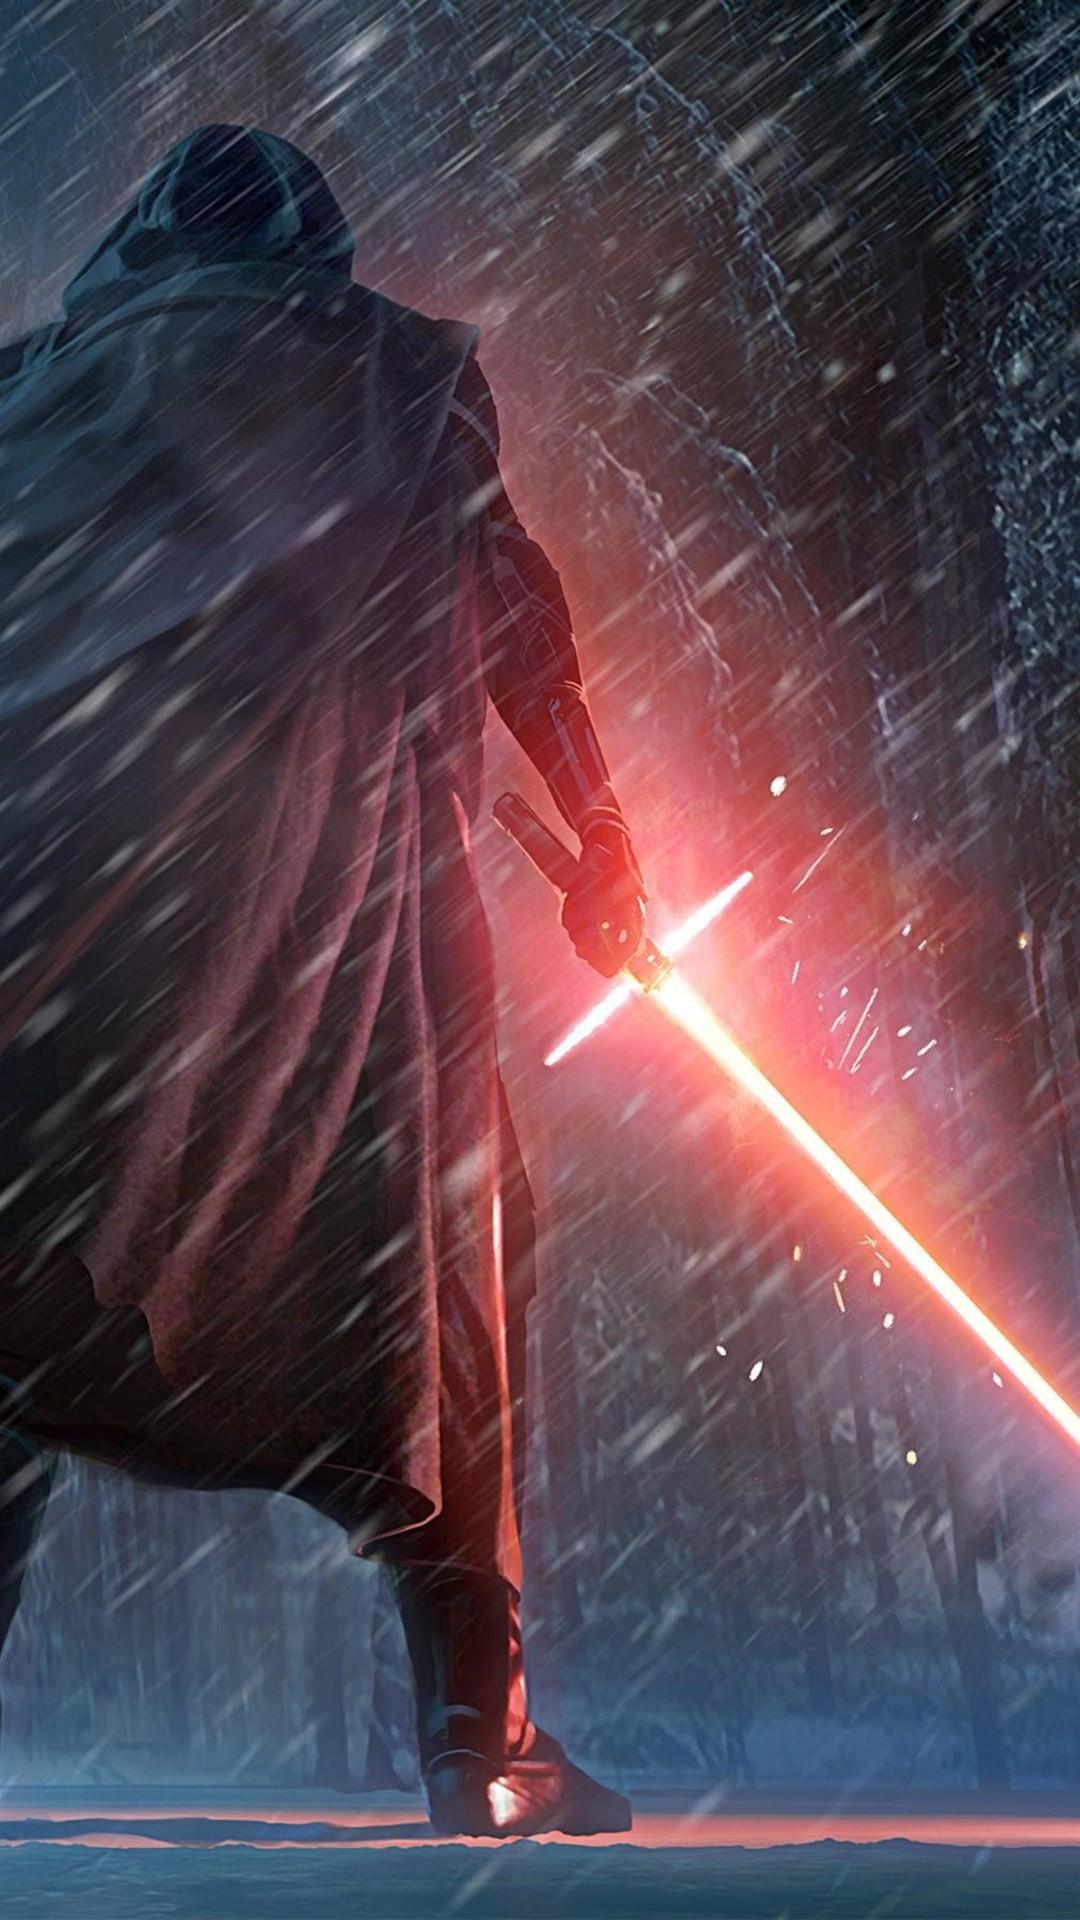 Lightsaber Iphone Wallpaper Kylo Ren Star Wars Wallpaper 1080x1920